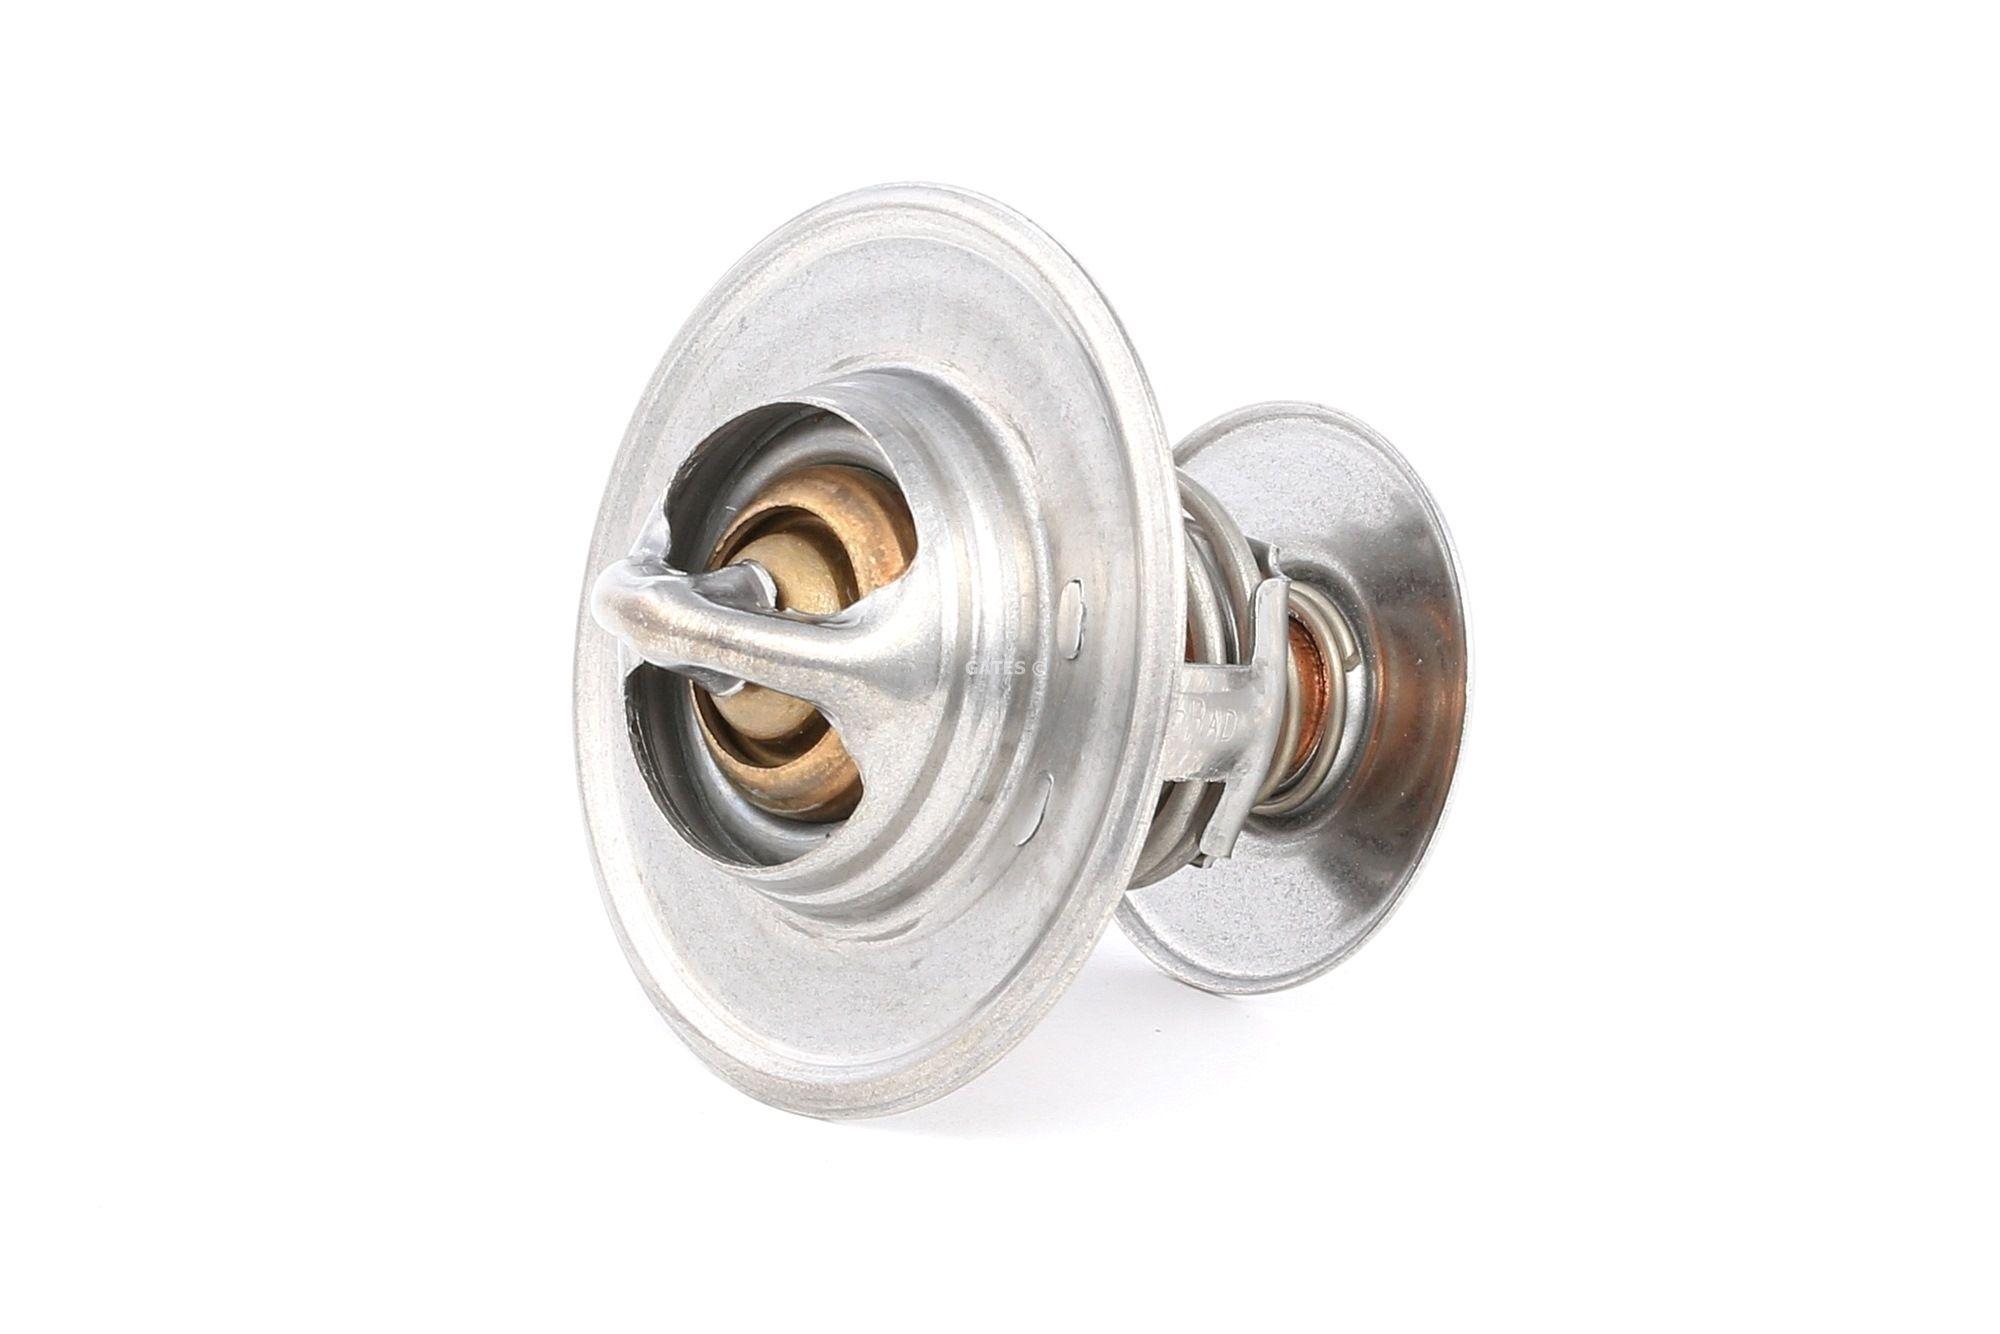 Opel REKORD Kfz-Teile und Tuning-Teile: Thermostat, Kühlmittel TH11287G1 zum Tiefstpreis!